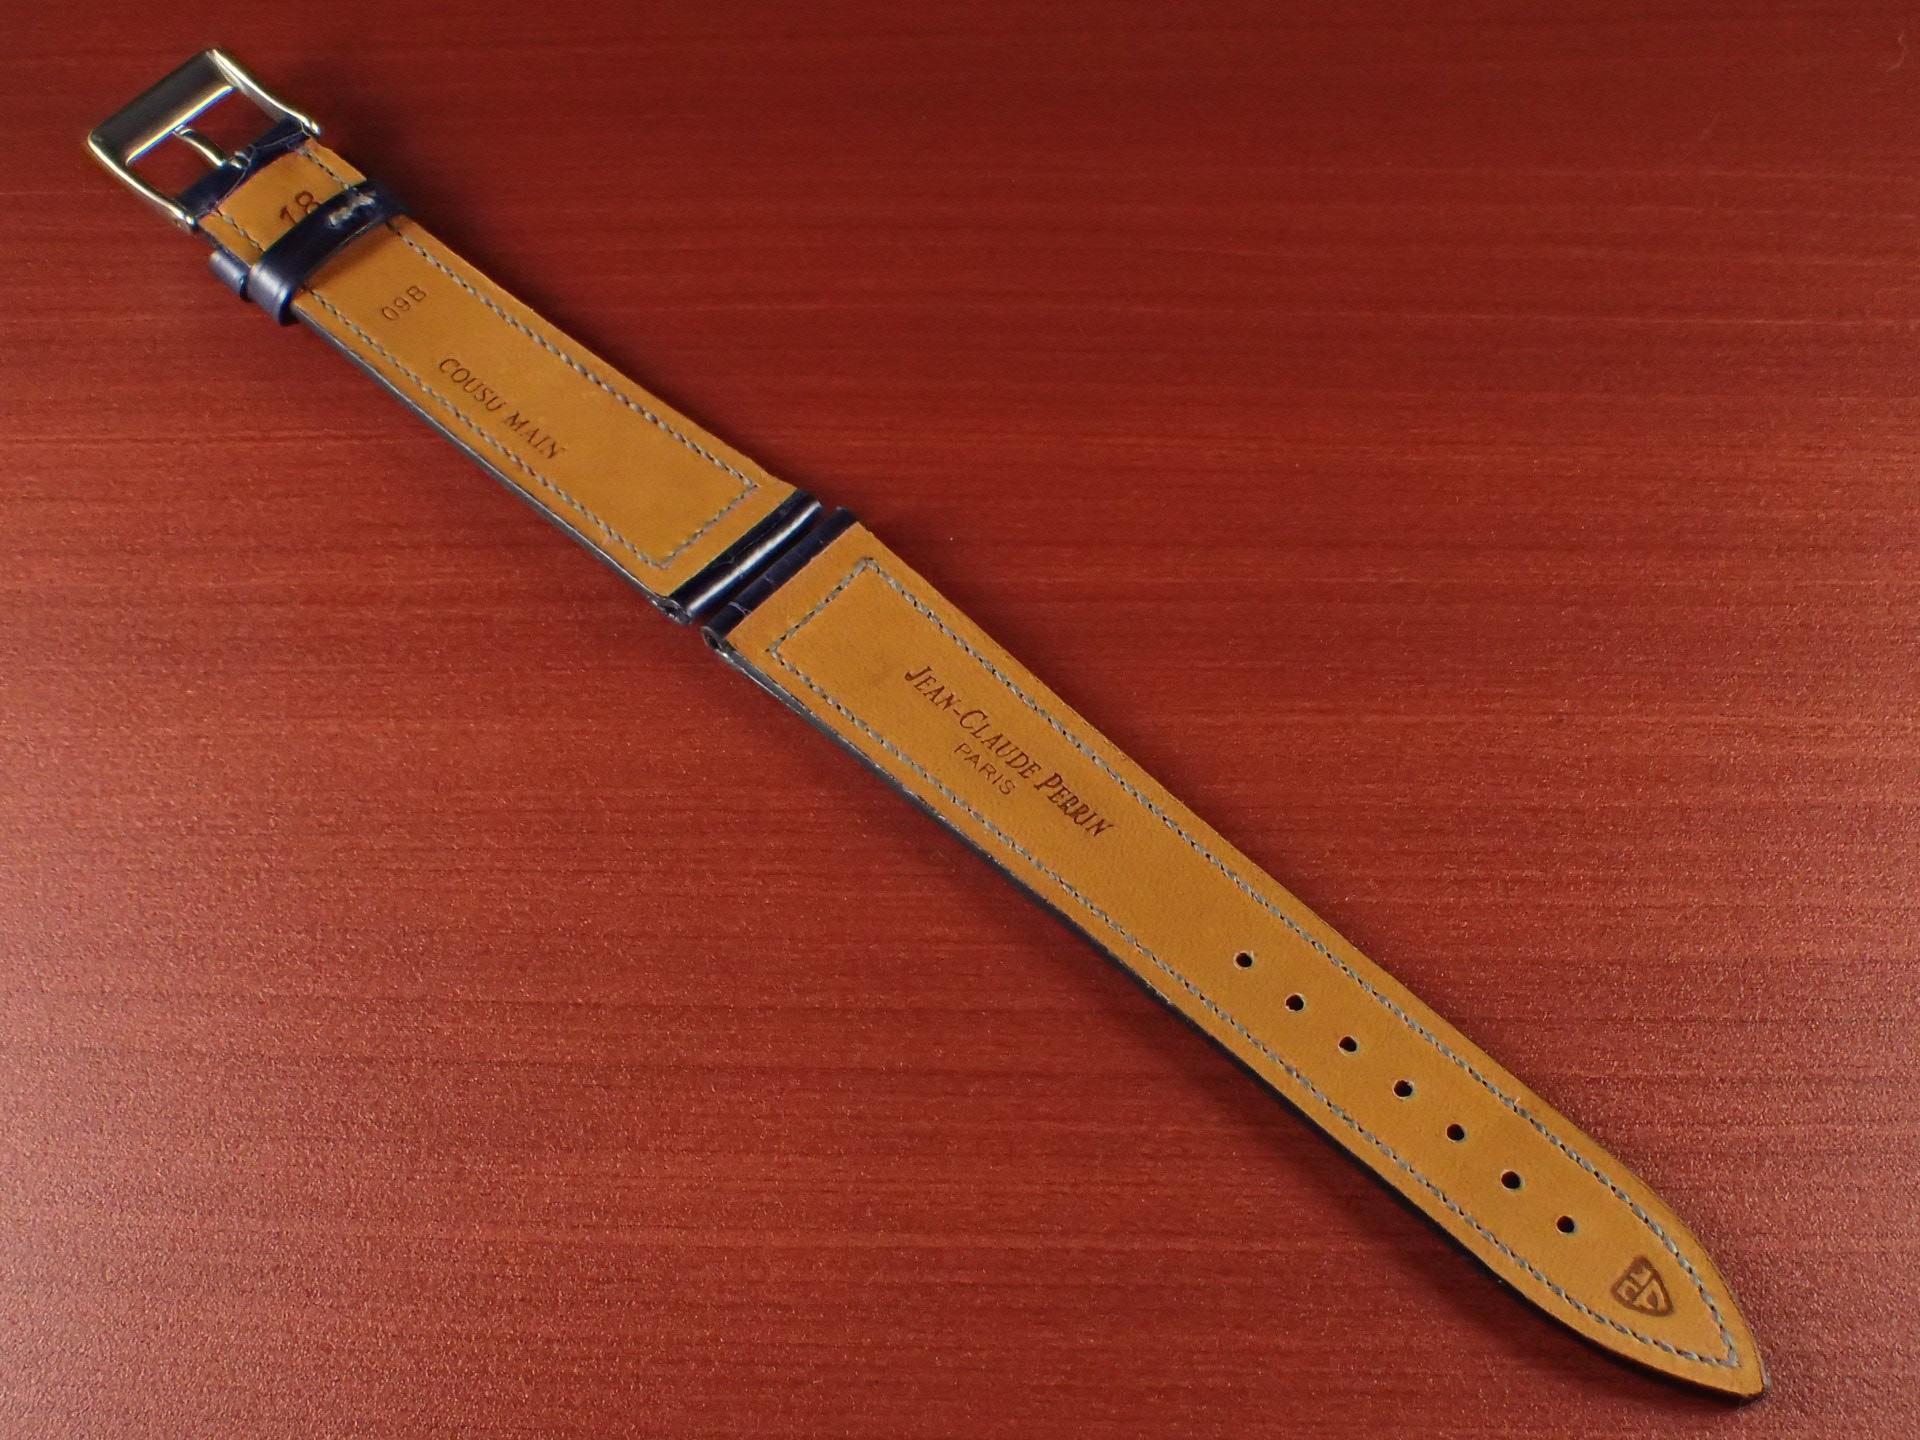 ジャン・クロード ペラン革ベルト クロコダイル ネイビー(シャイニー)18mmの写真2枚目